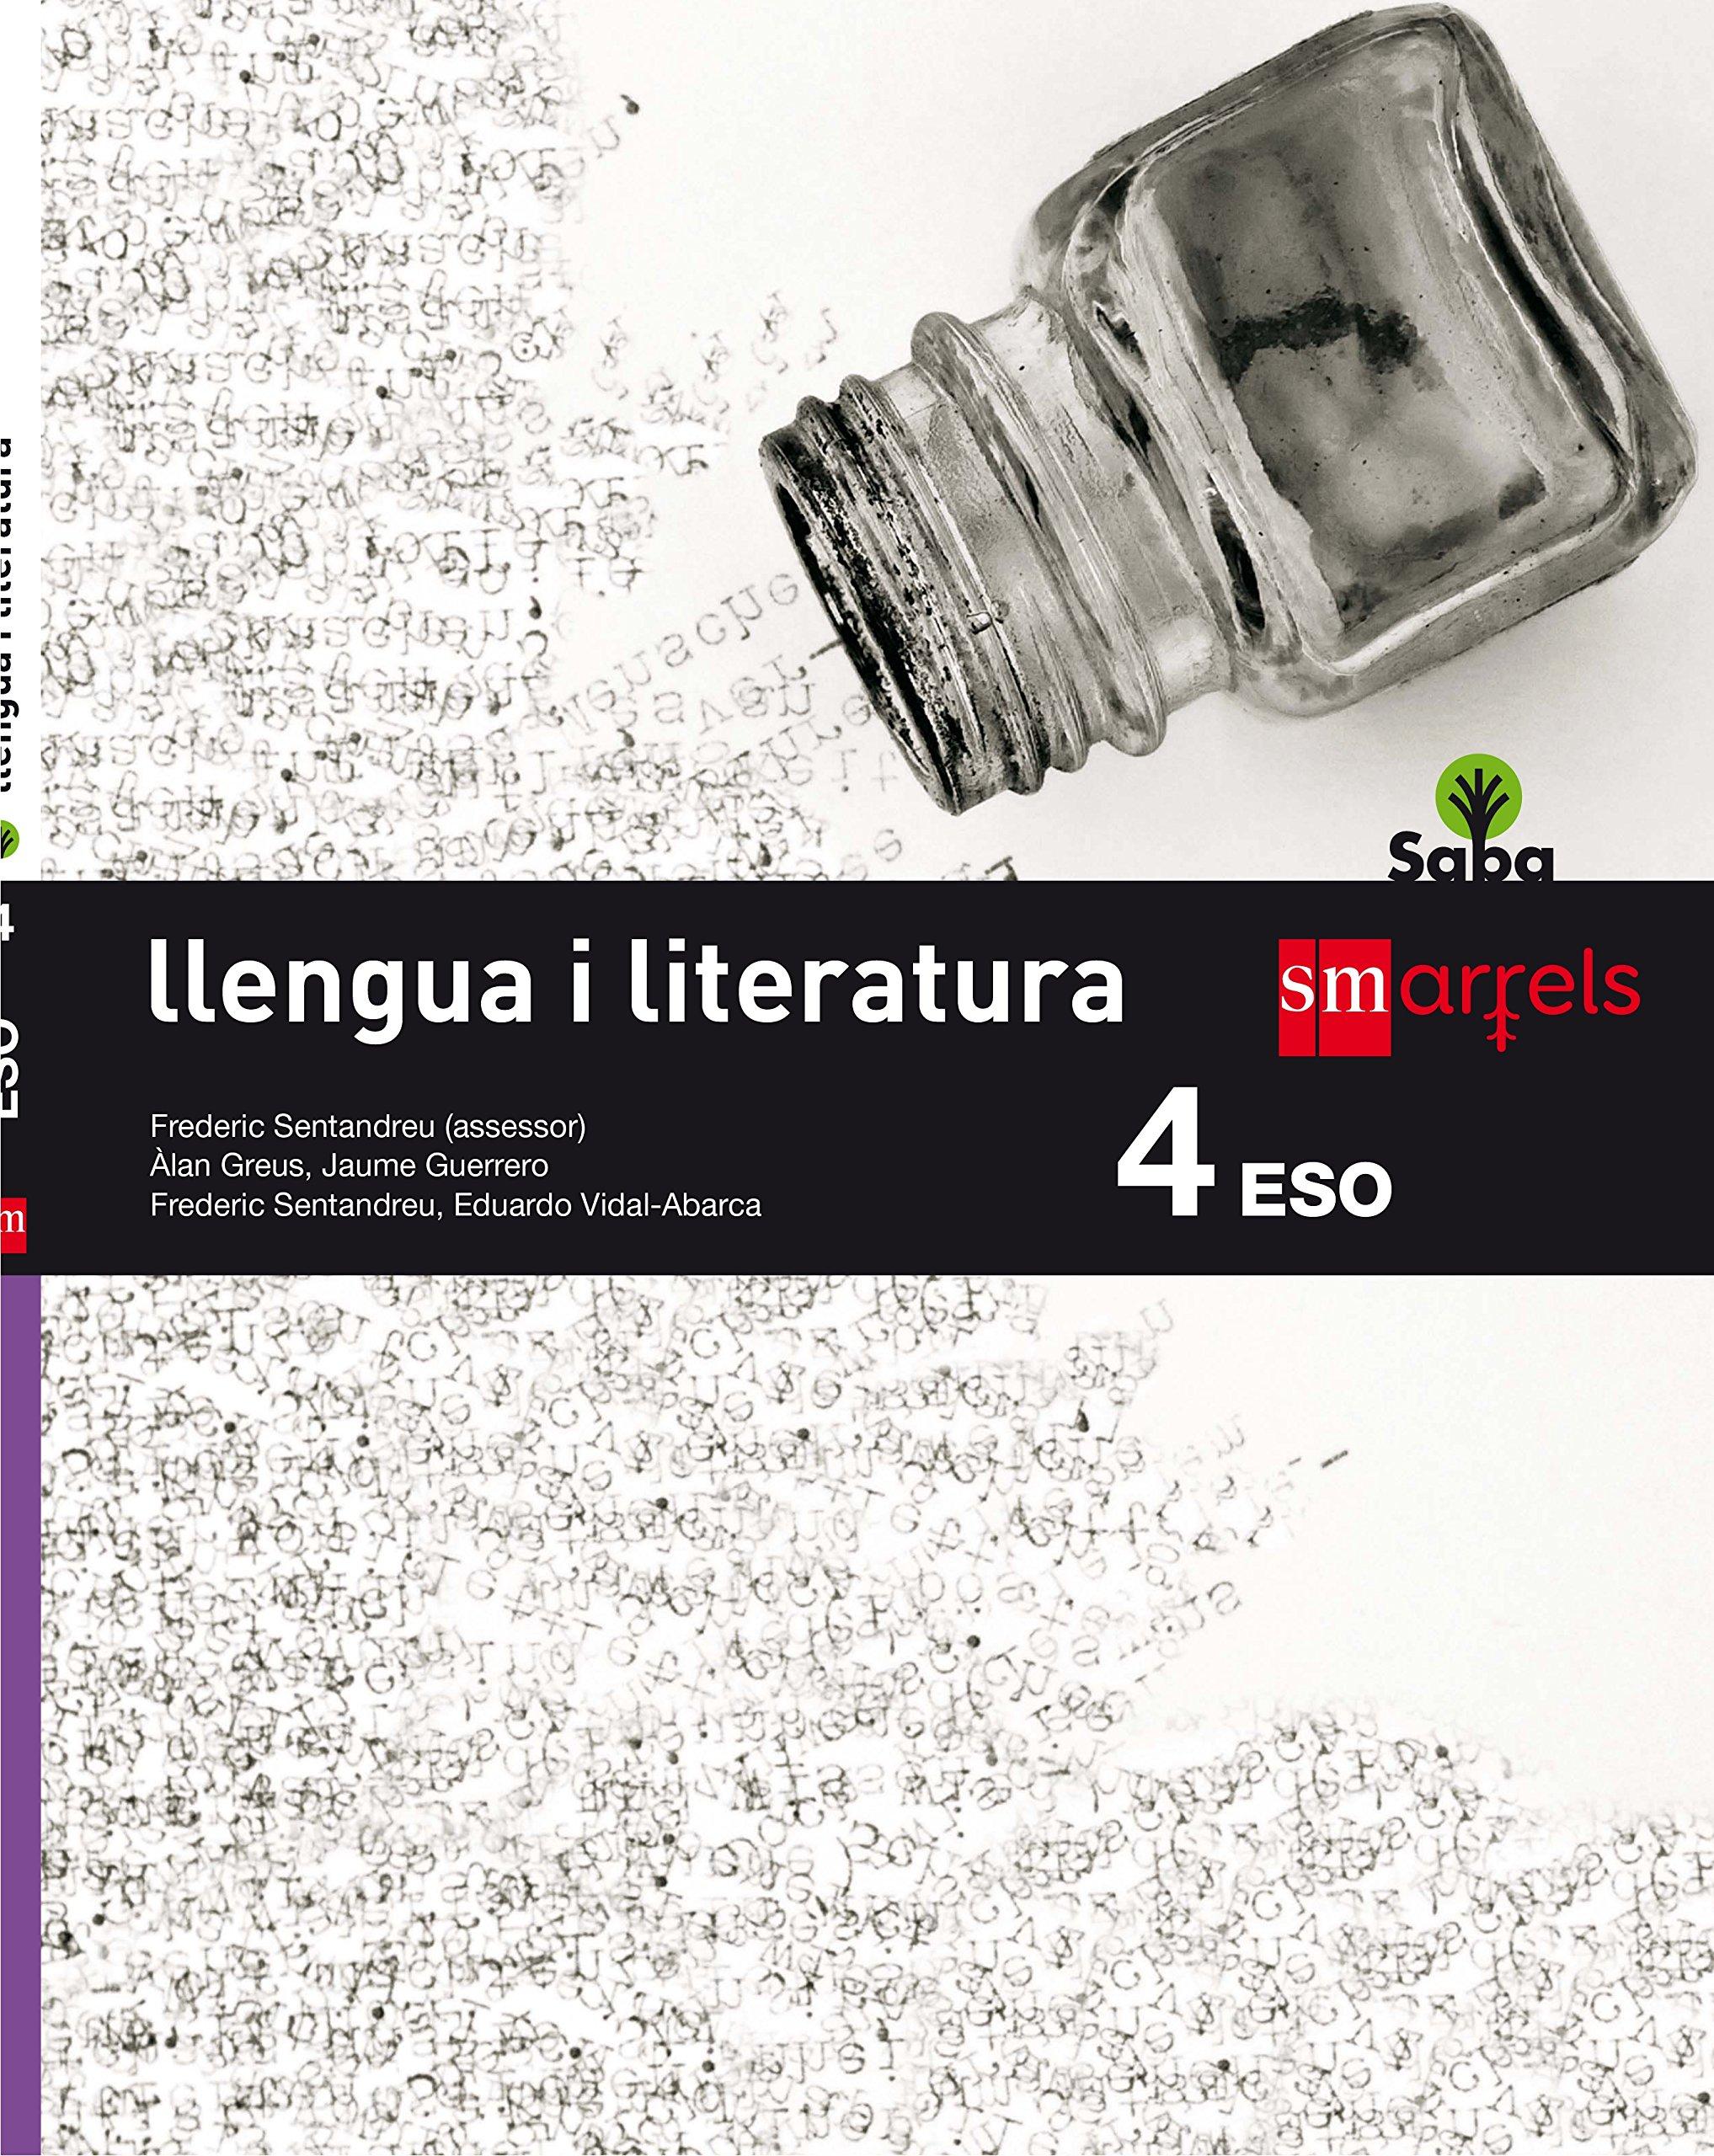 Llengua i literatura. 4 ESO. Saba - 9788467587456: Amazon.es ...